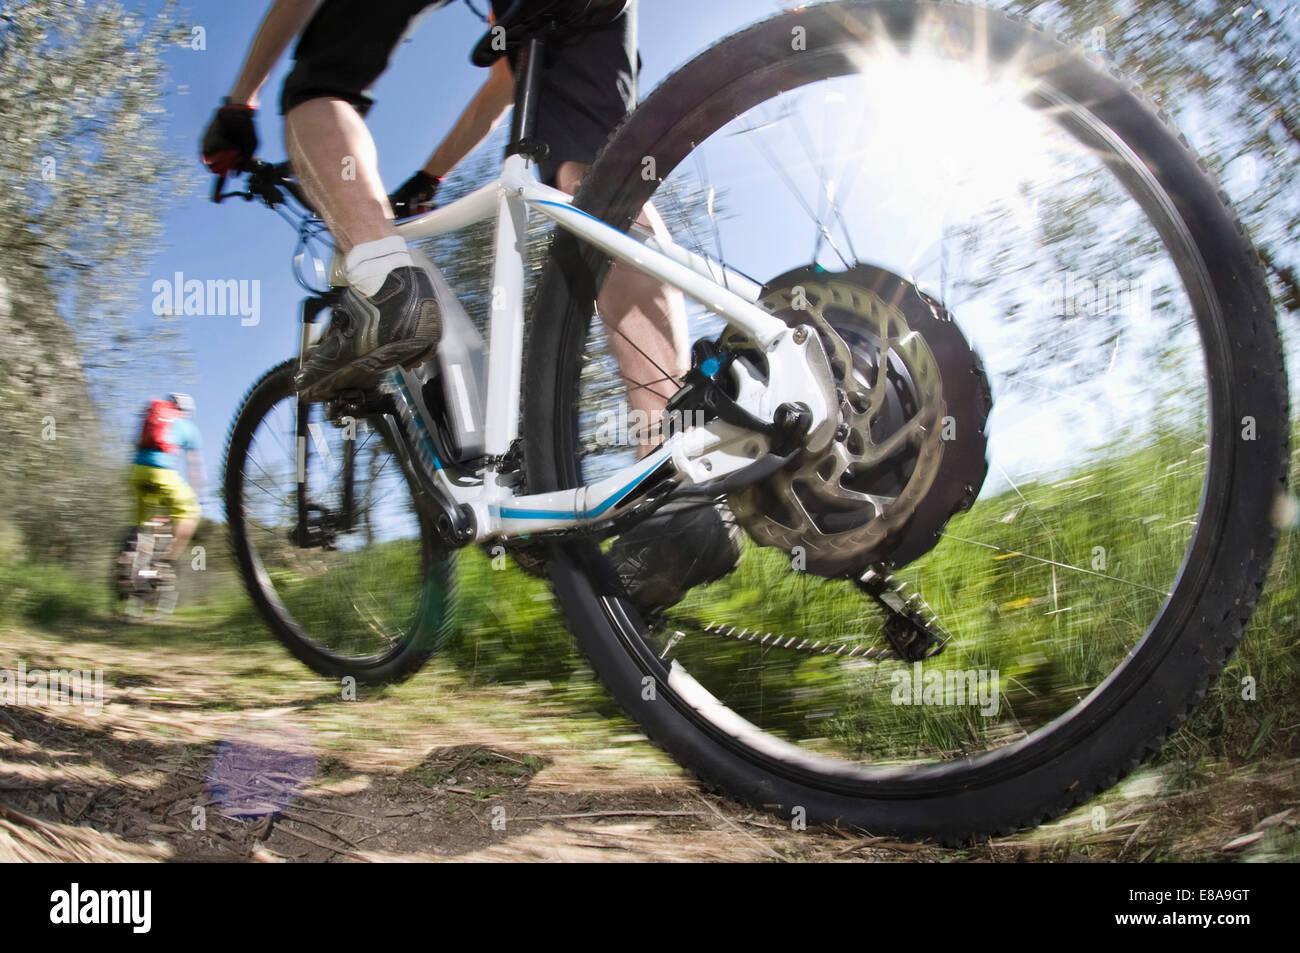 Gli uomini racing electic-mountainbike off-road Immagini Stock